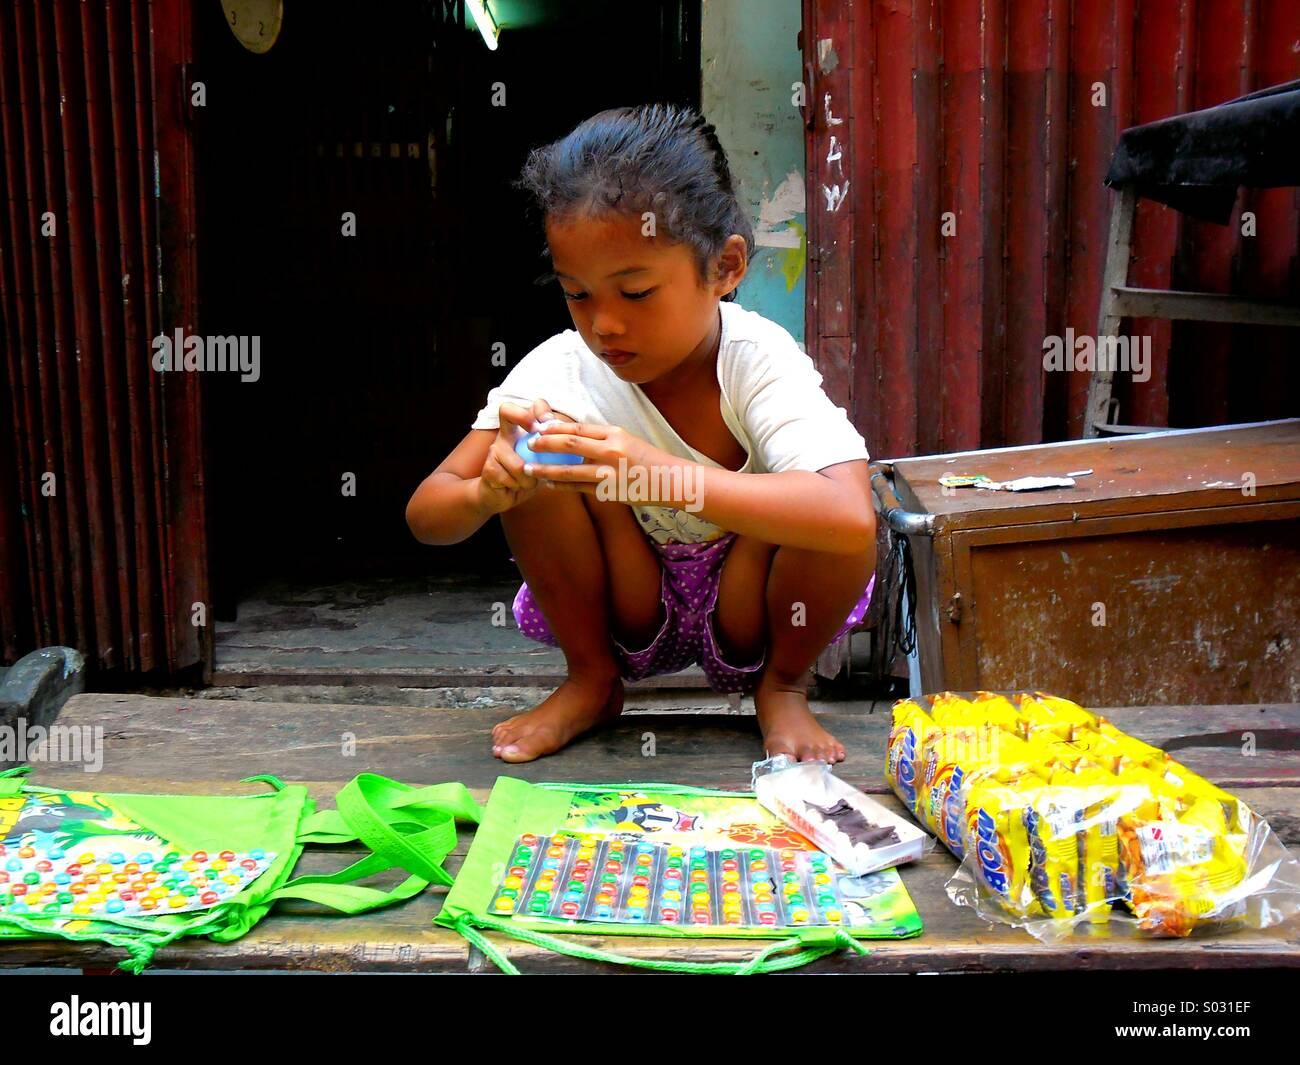 Junge asiatische Mädchen verkaufen Bonbons in Quiapo, Manila, Philippinen in Asien Stockfoto